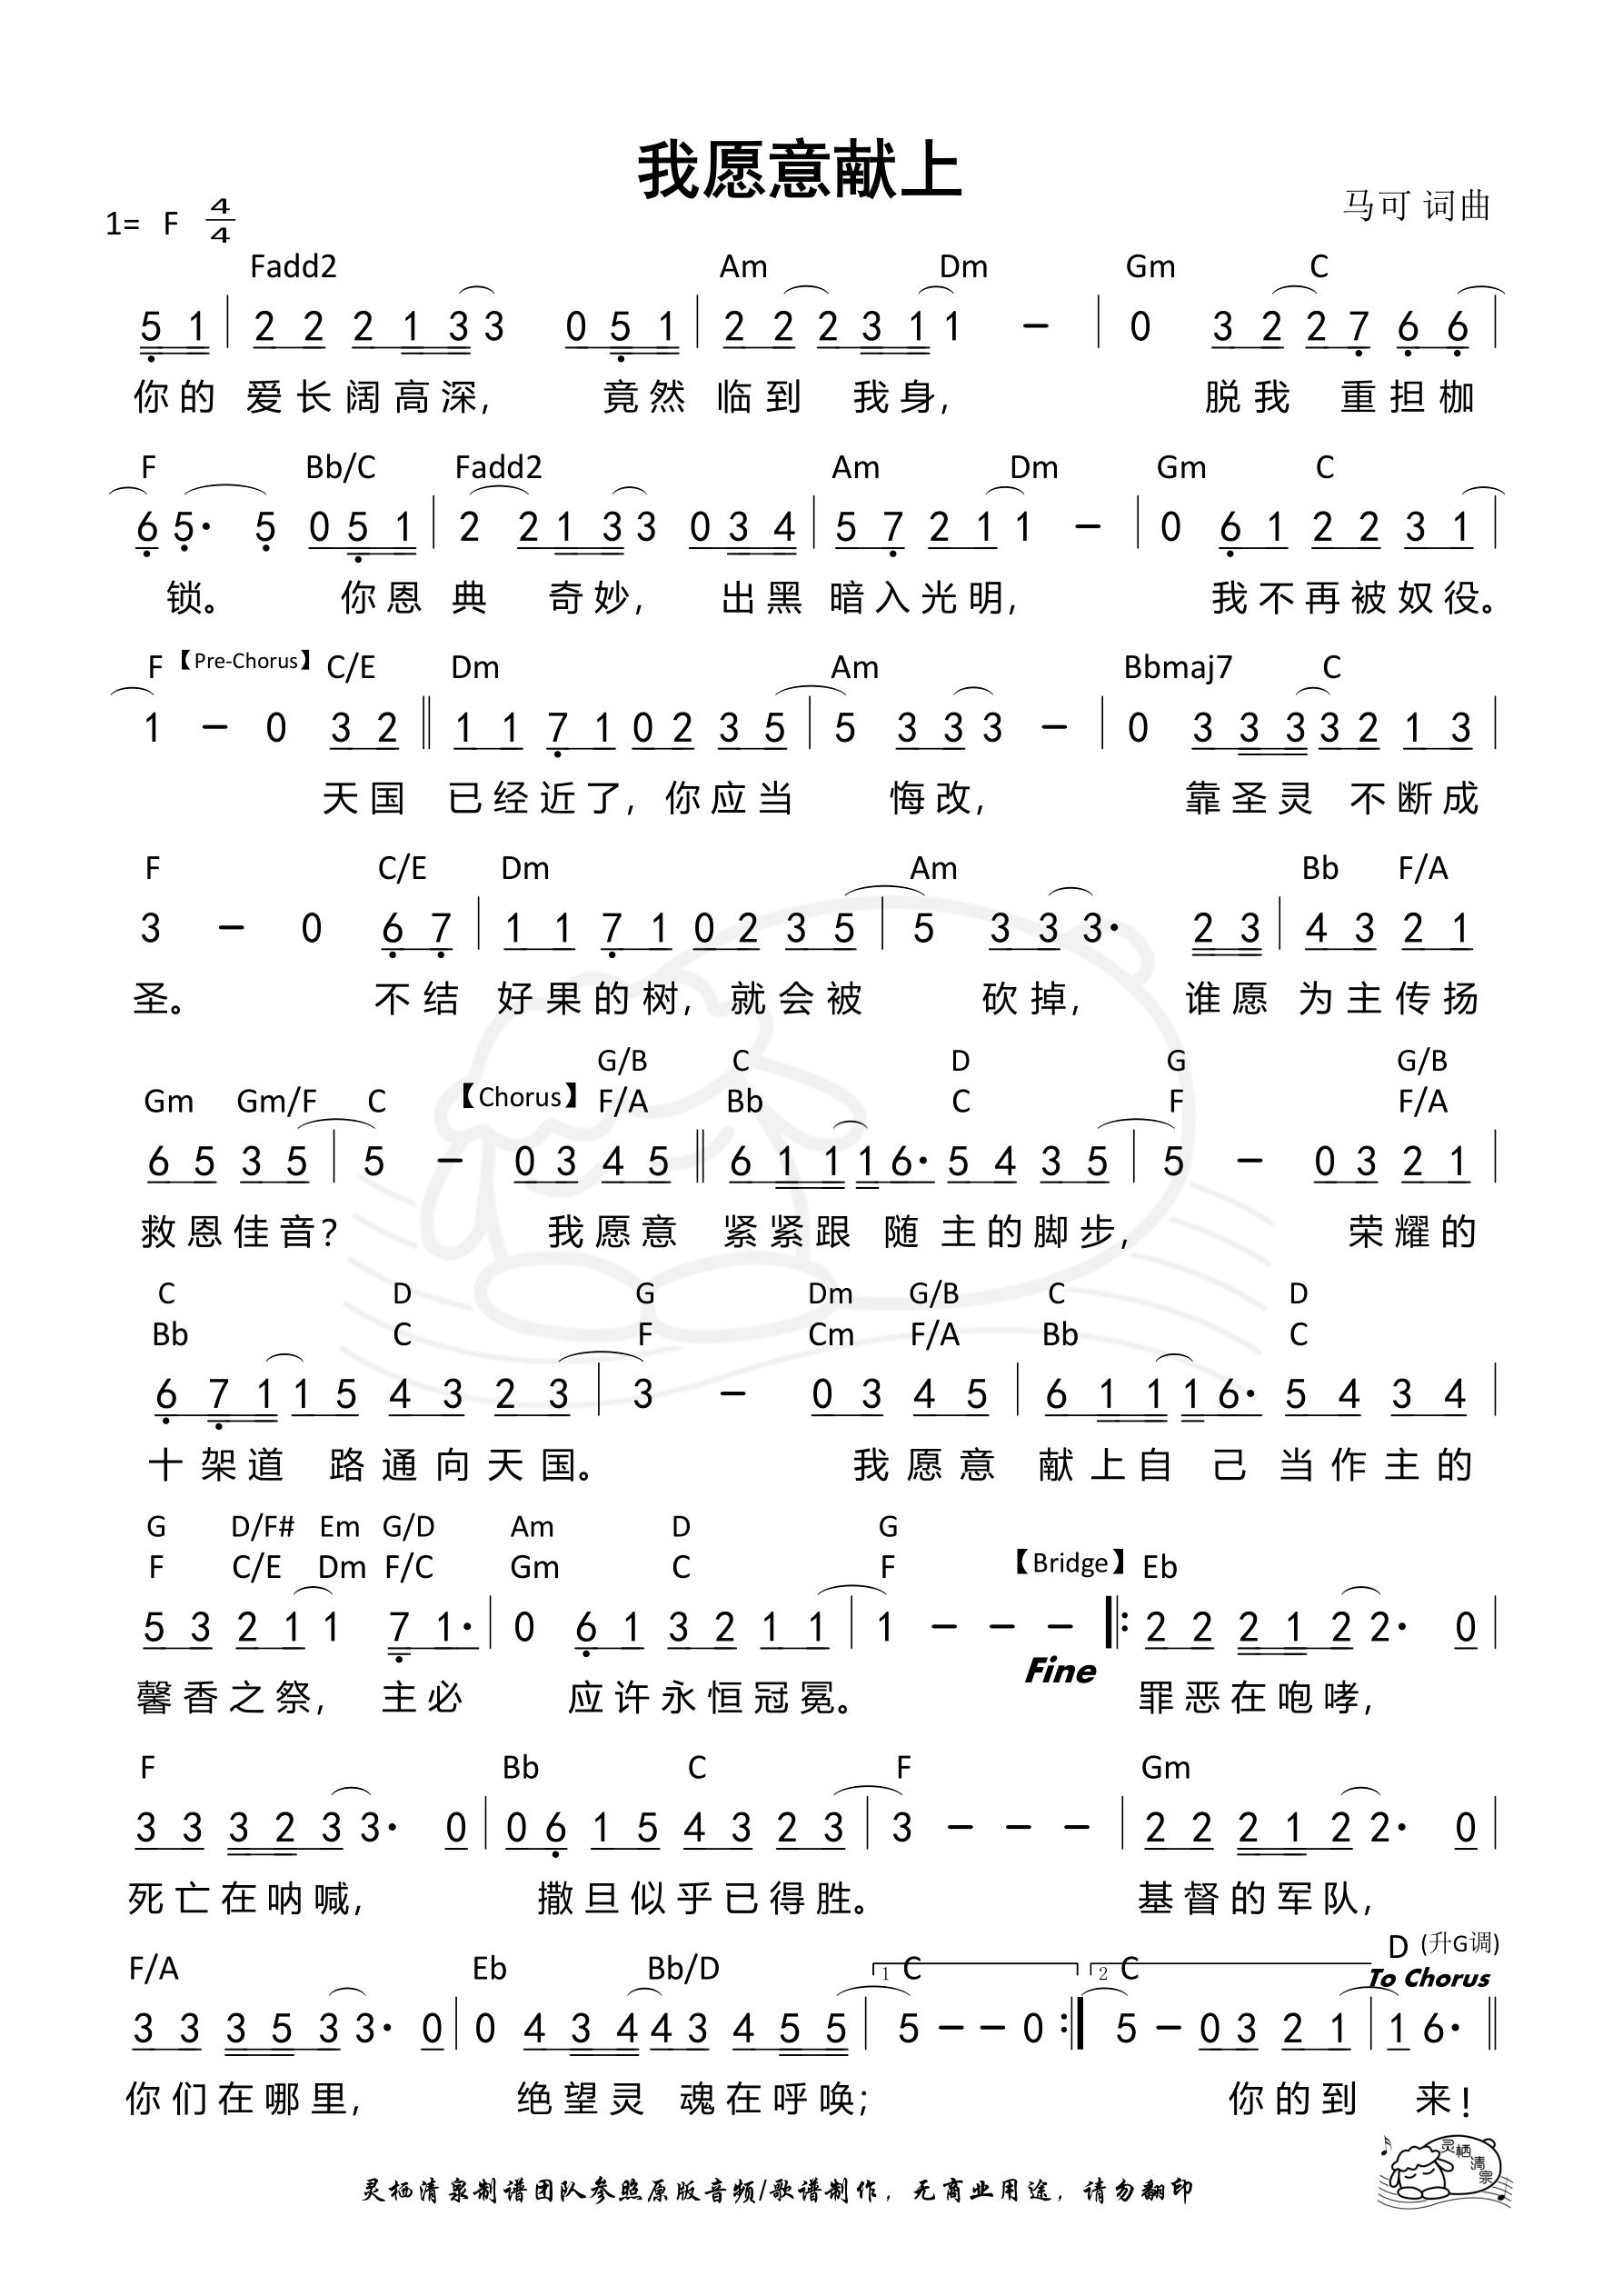 《第888首 - 我愿意献上 和弦简谱》